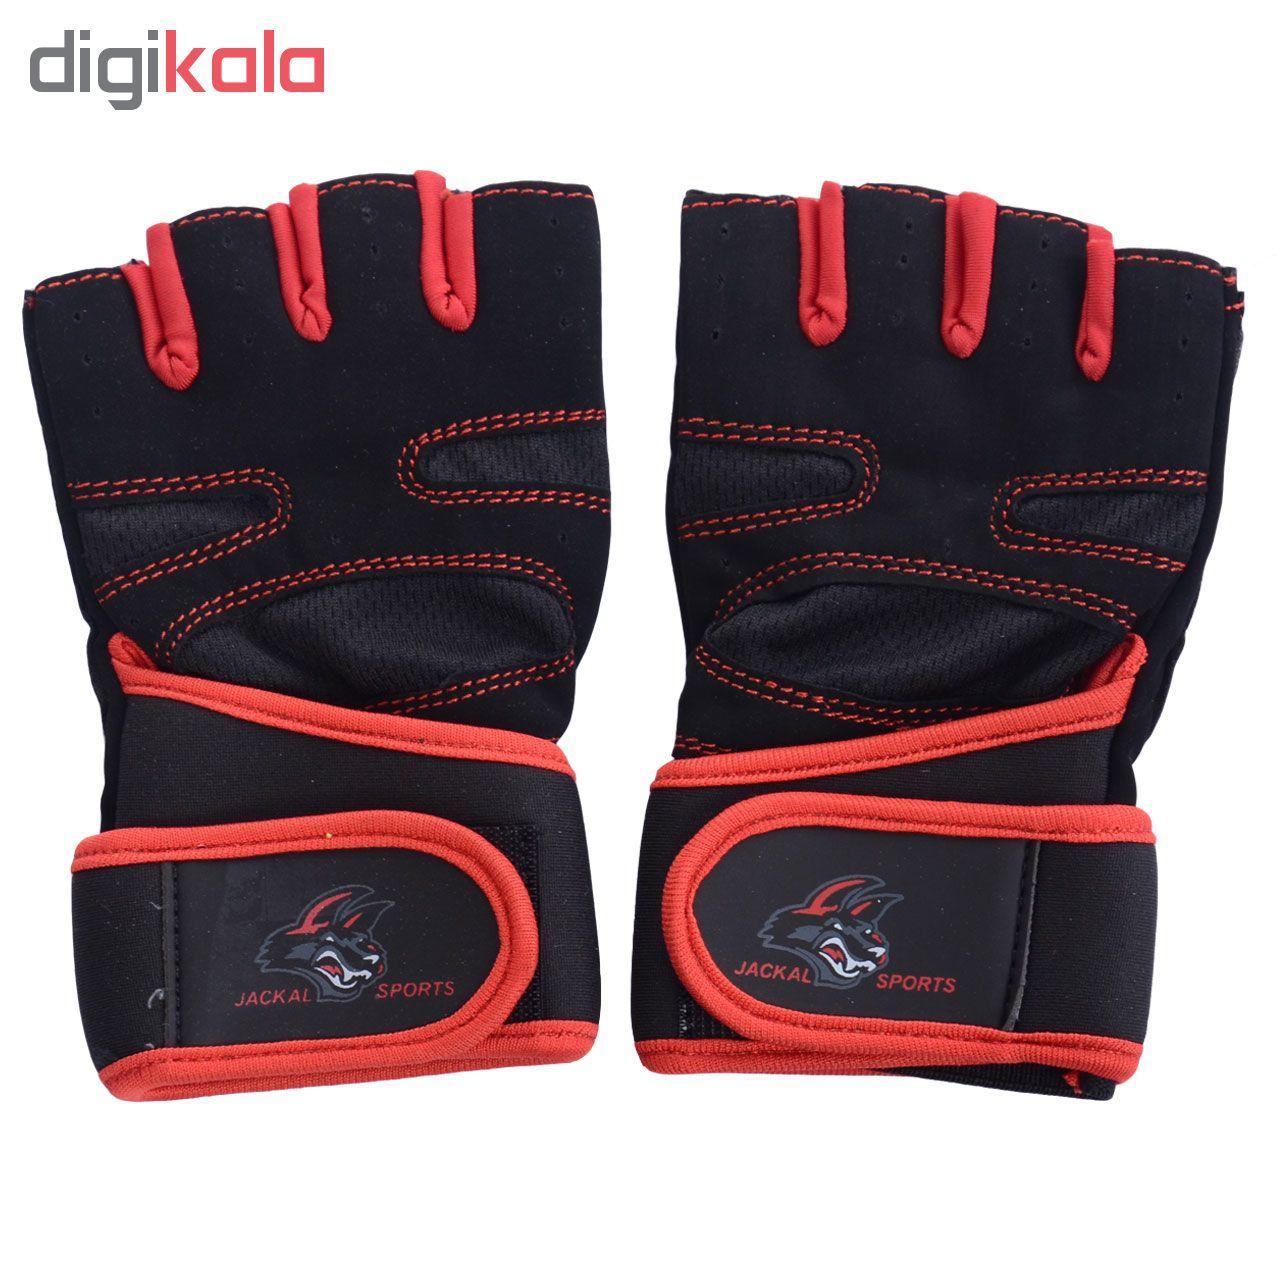 دستکش ورزشی جاکال اسپرتز کد JK02R main 1 1